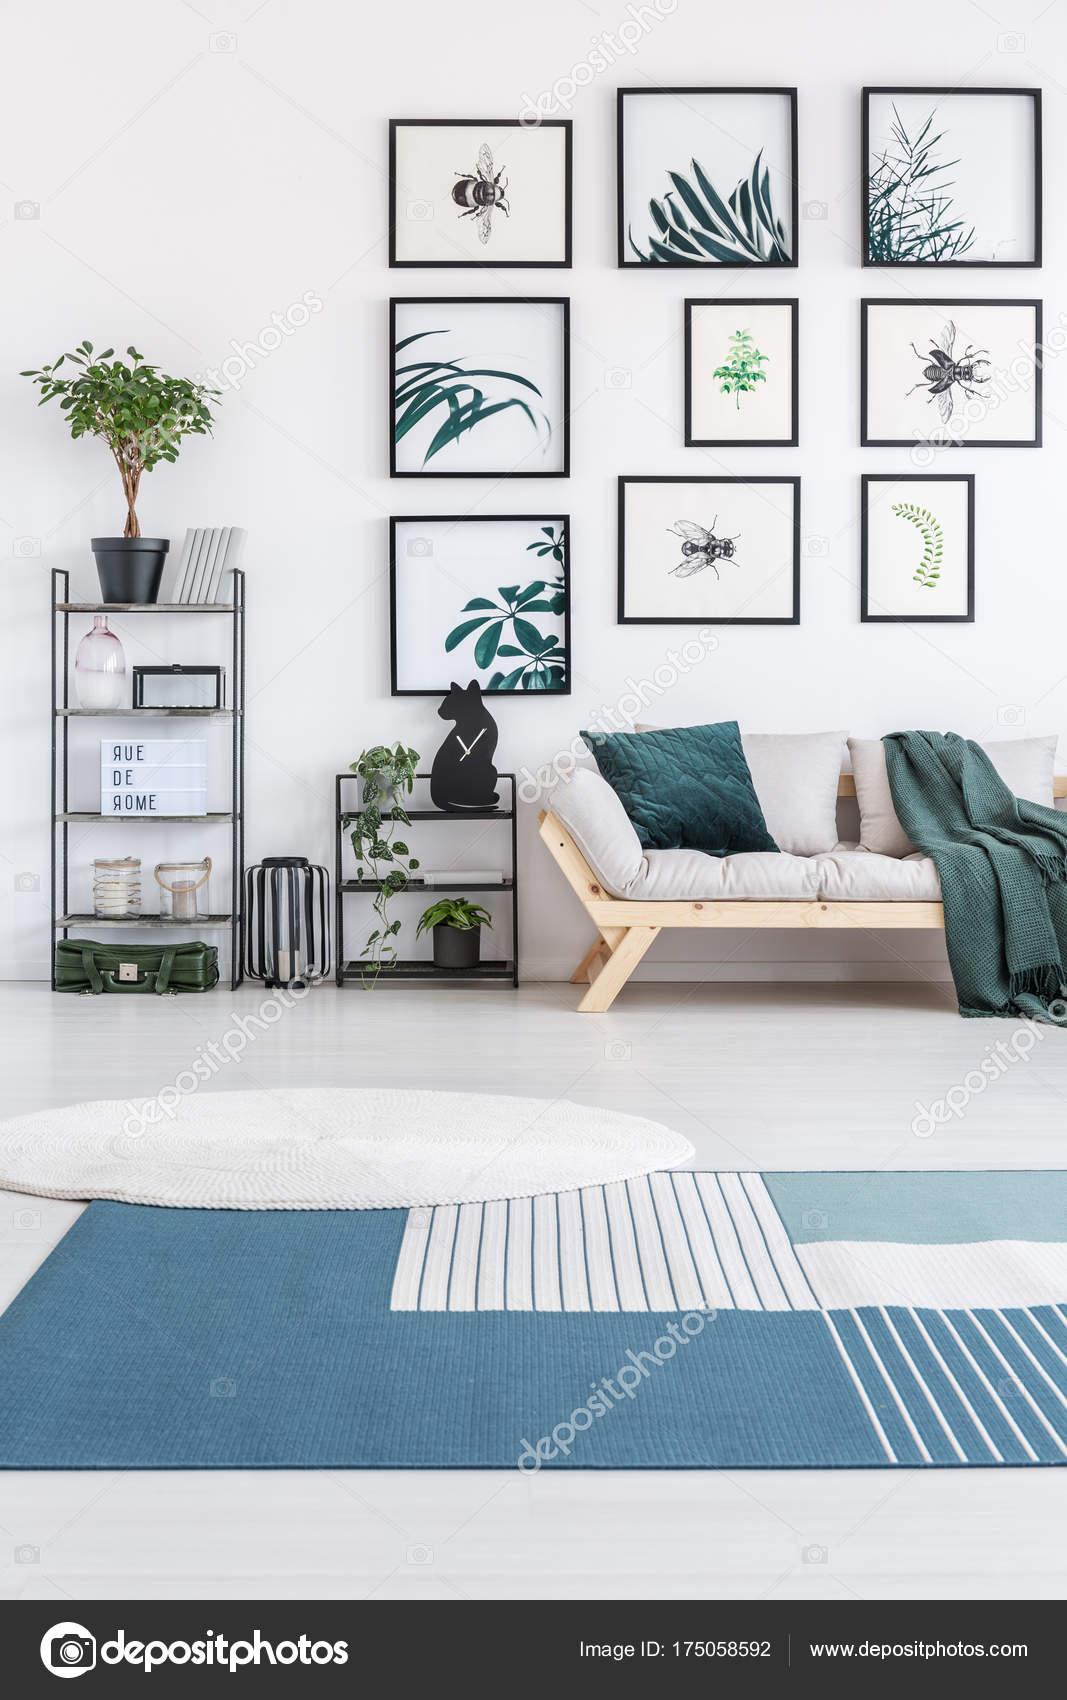 alfombra azul y blanca — foto de stock © photographee.eu #175058592